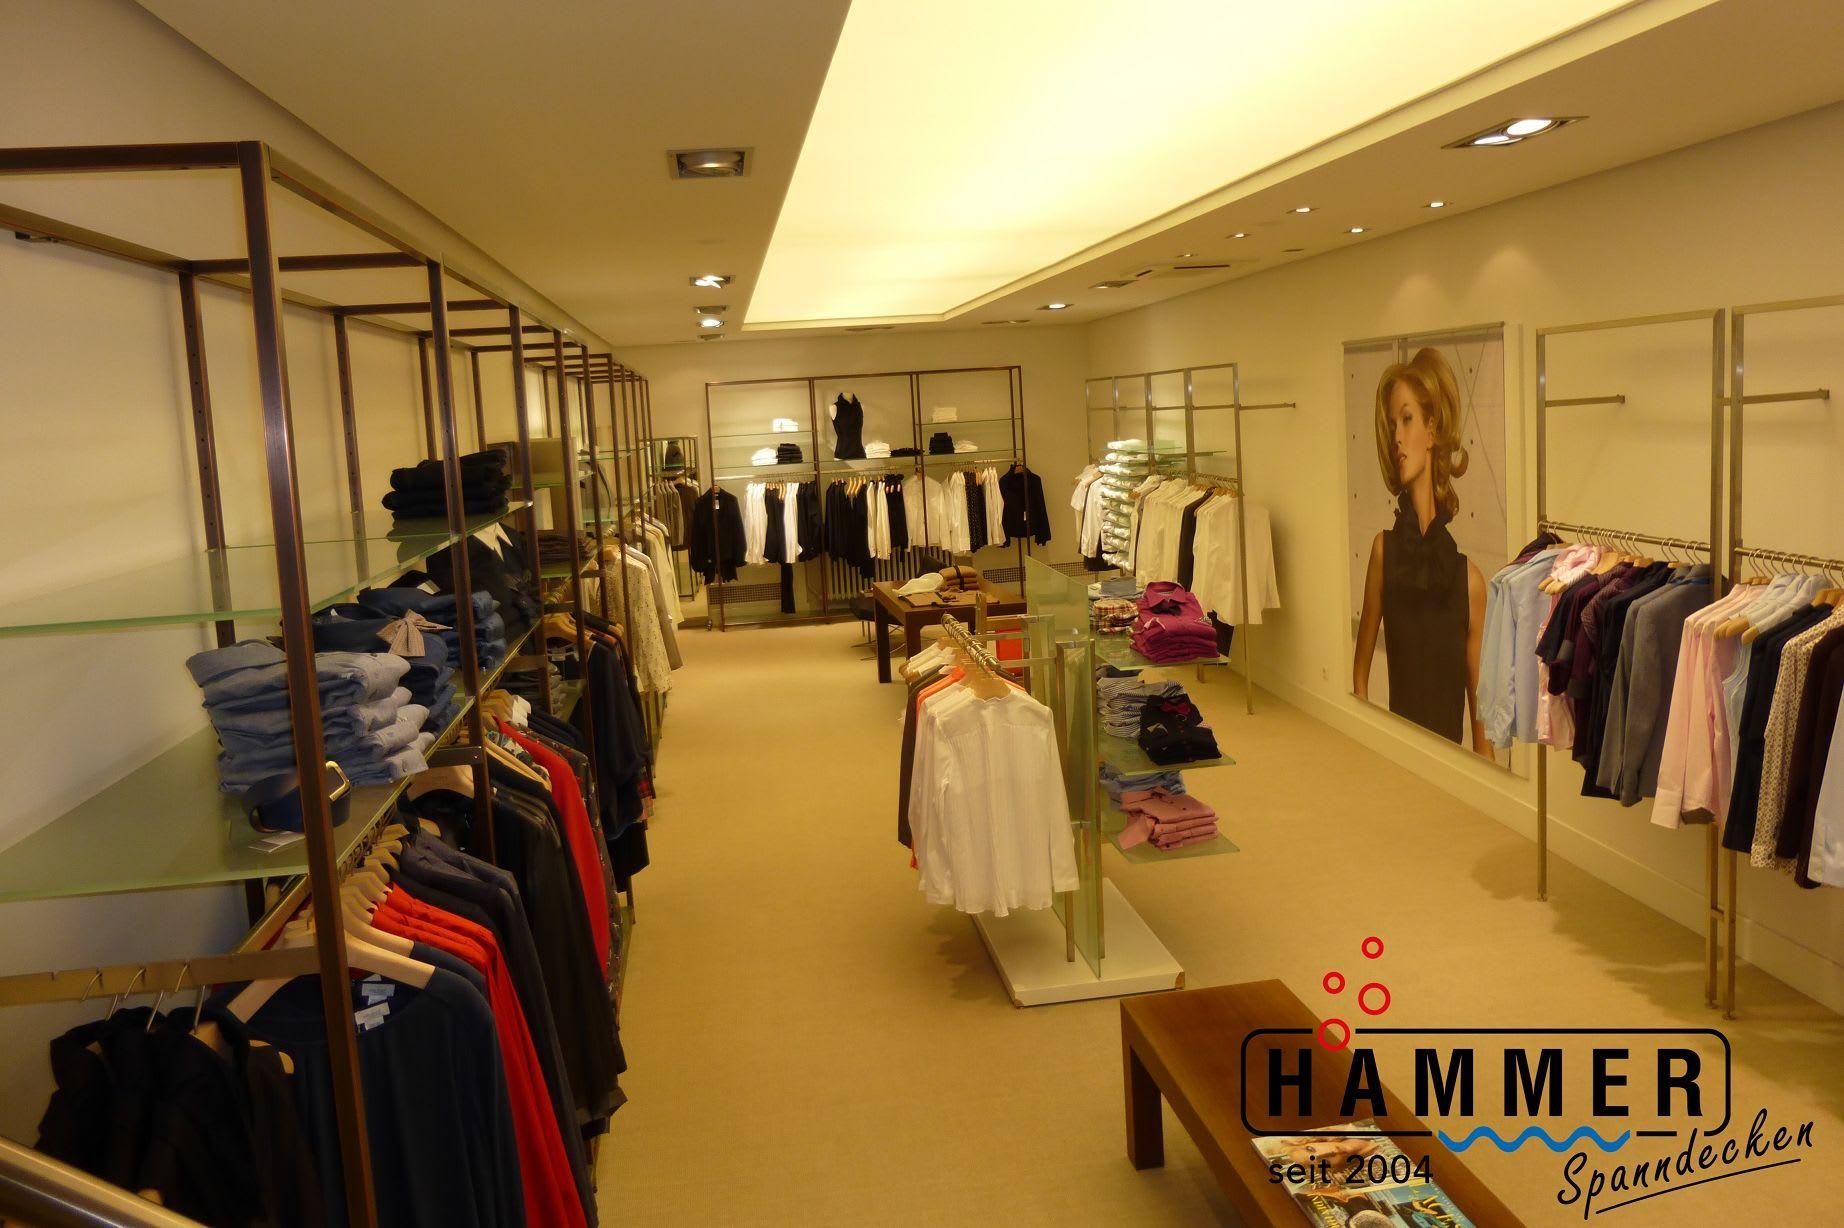 Spanndecke weiß mit Beleuchtung im Gewerbe Kleidungsgeschäft